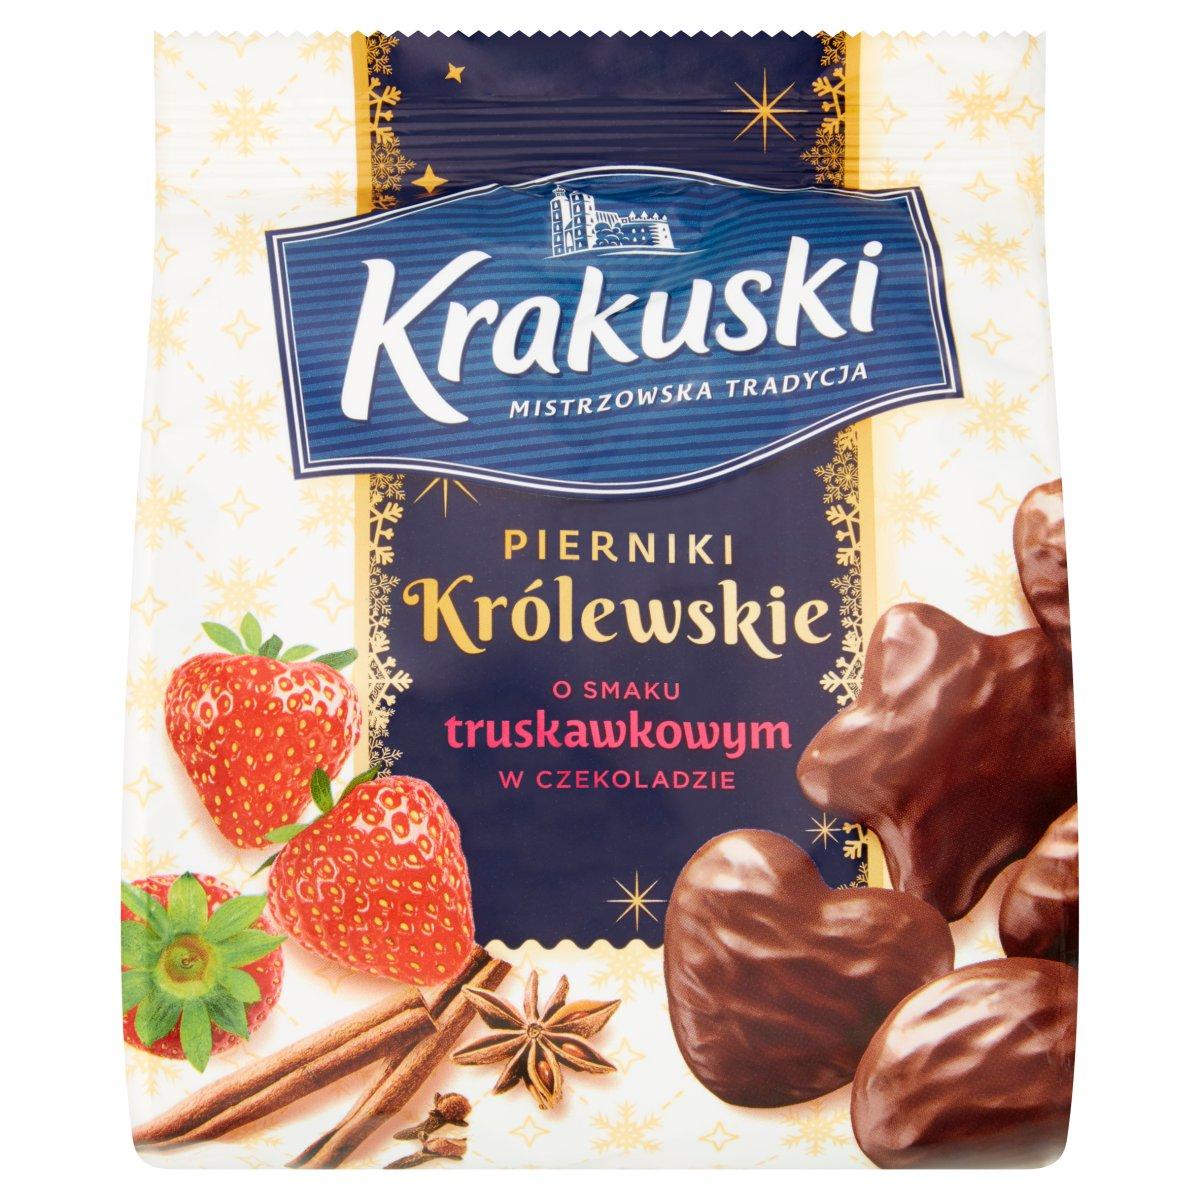 Krakuski Pierniki Królewskie o smaku truskawkowym w czekoladzie 150g (1)